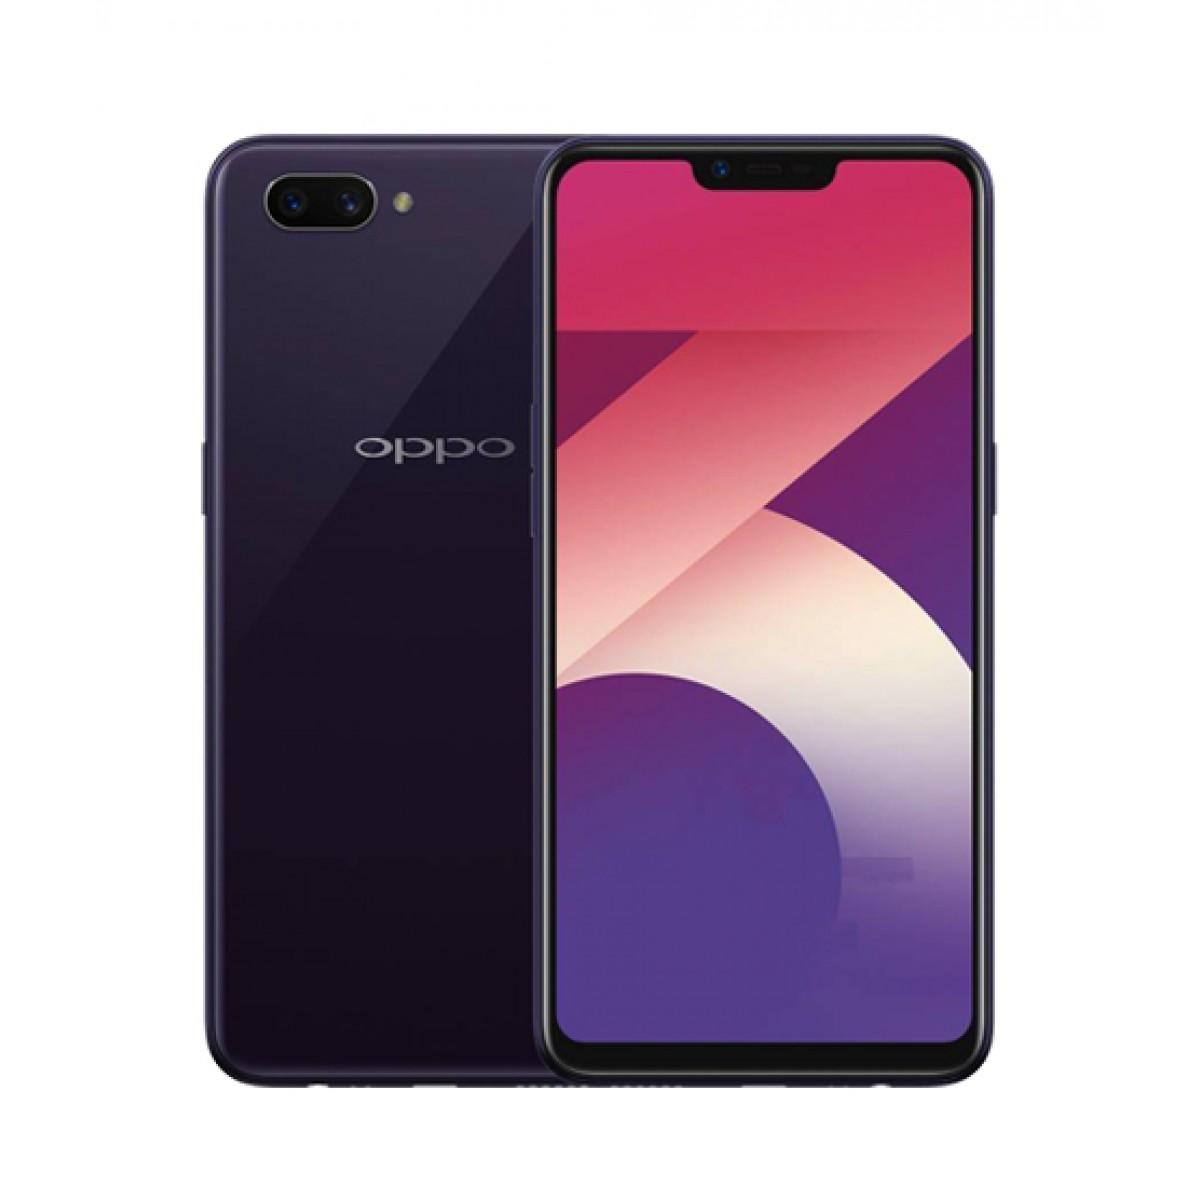 مراجعة مواصفات هاتف Oppo A3s المميز في فئة الهواتف الاقتصادية